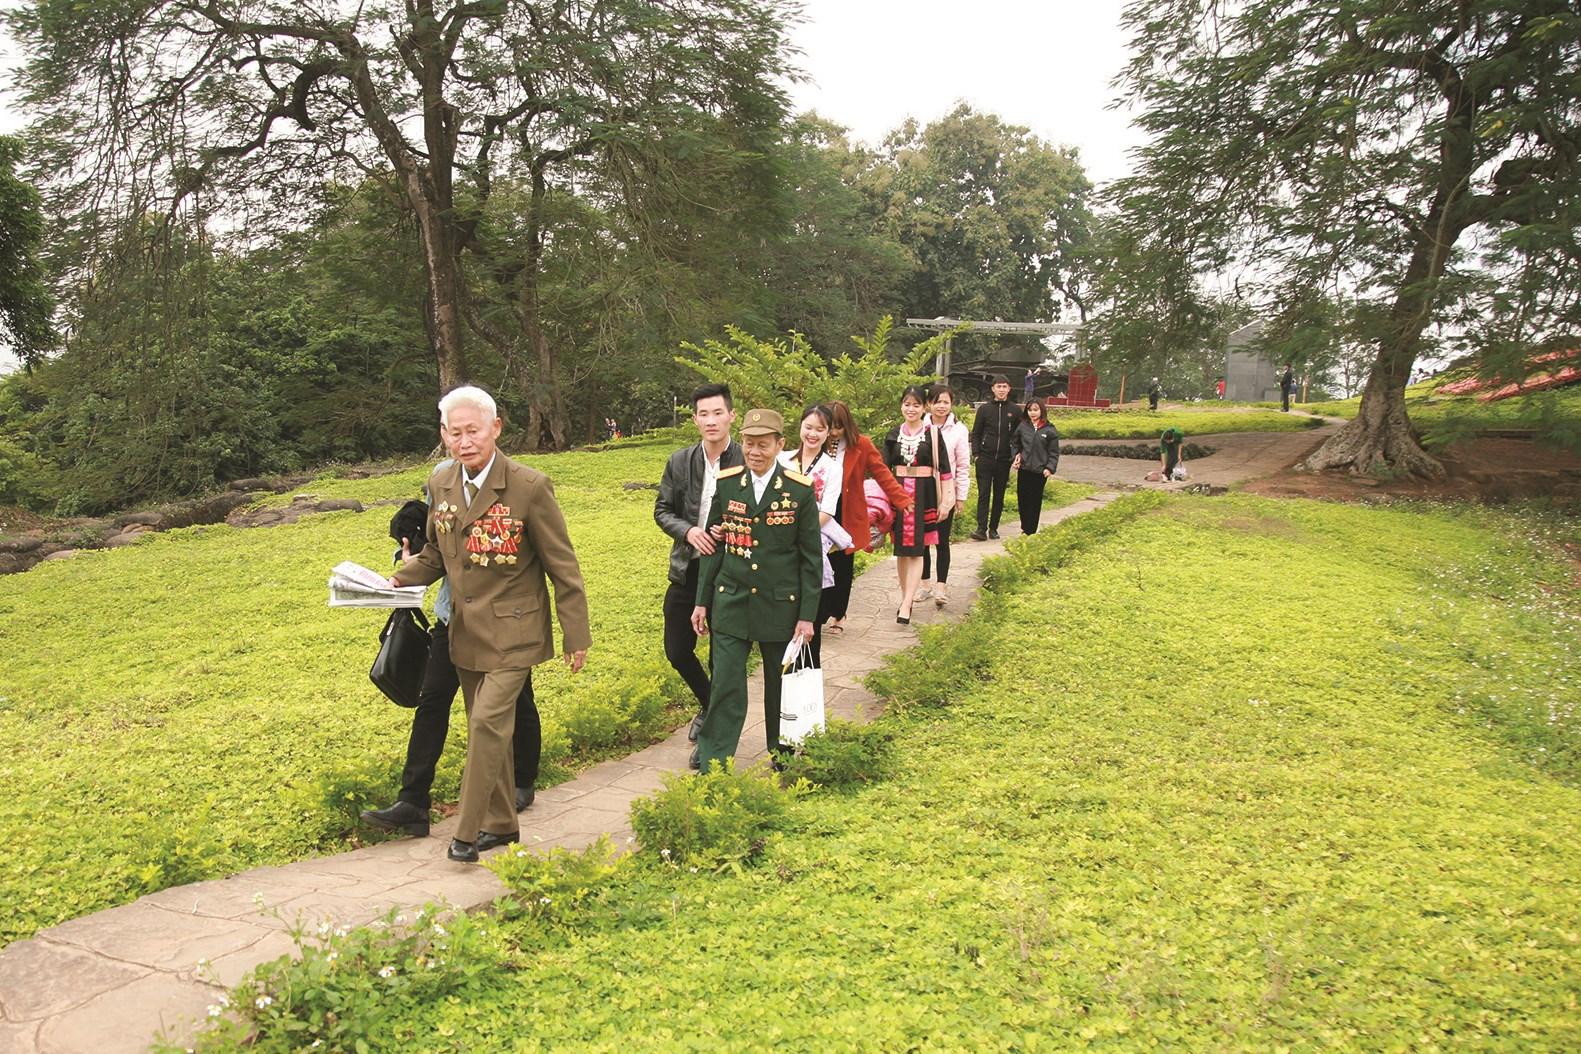 Cựu chiến binh Phạm Bá Miều (người đội mũ) trong chuyến thăm di tích đồi A1